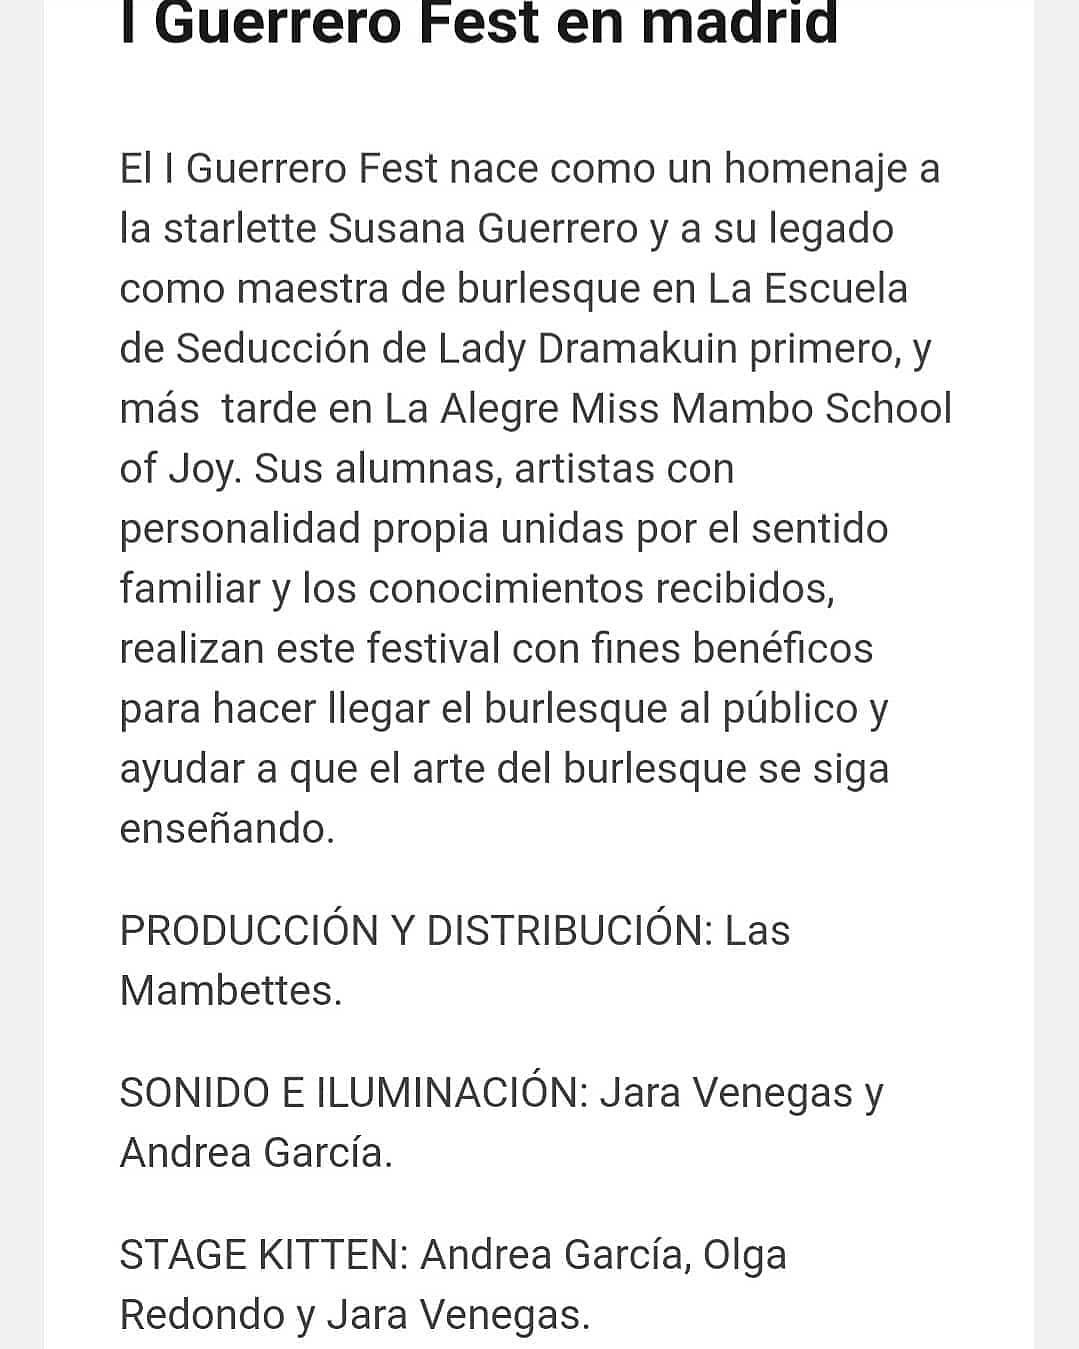 I Guerrero Fest